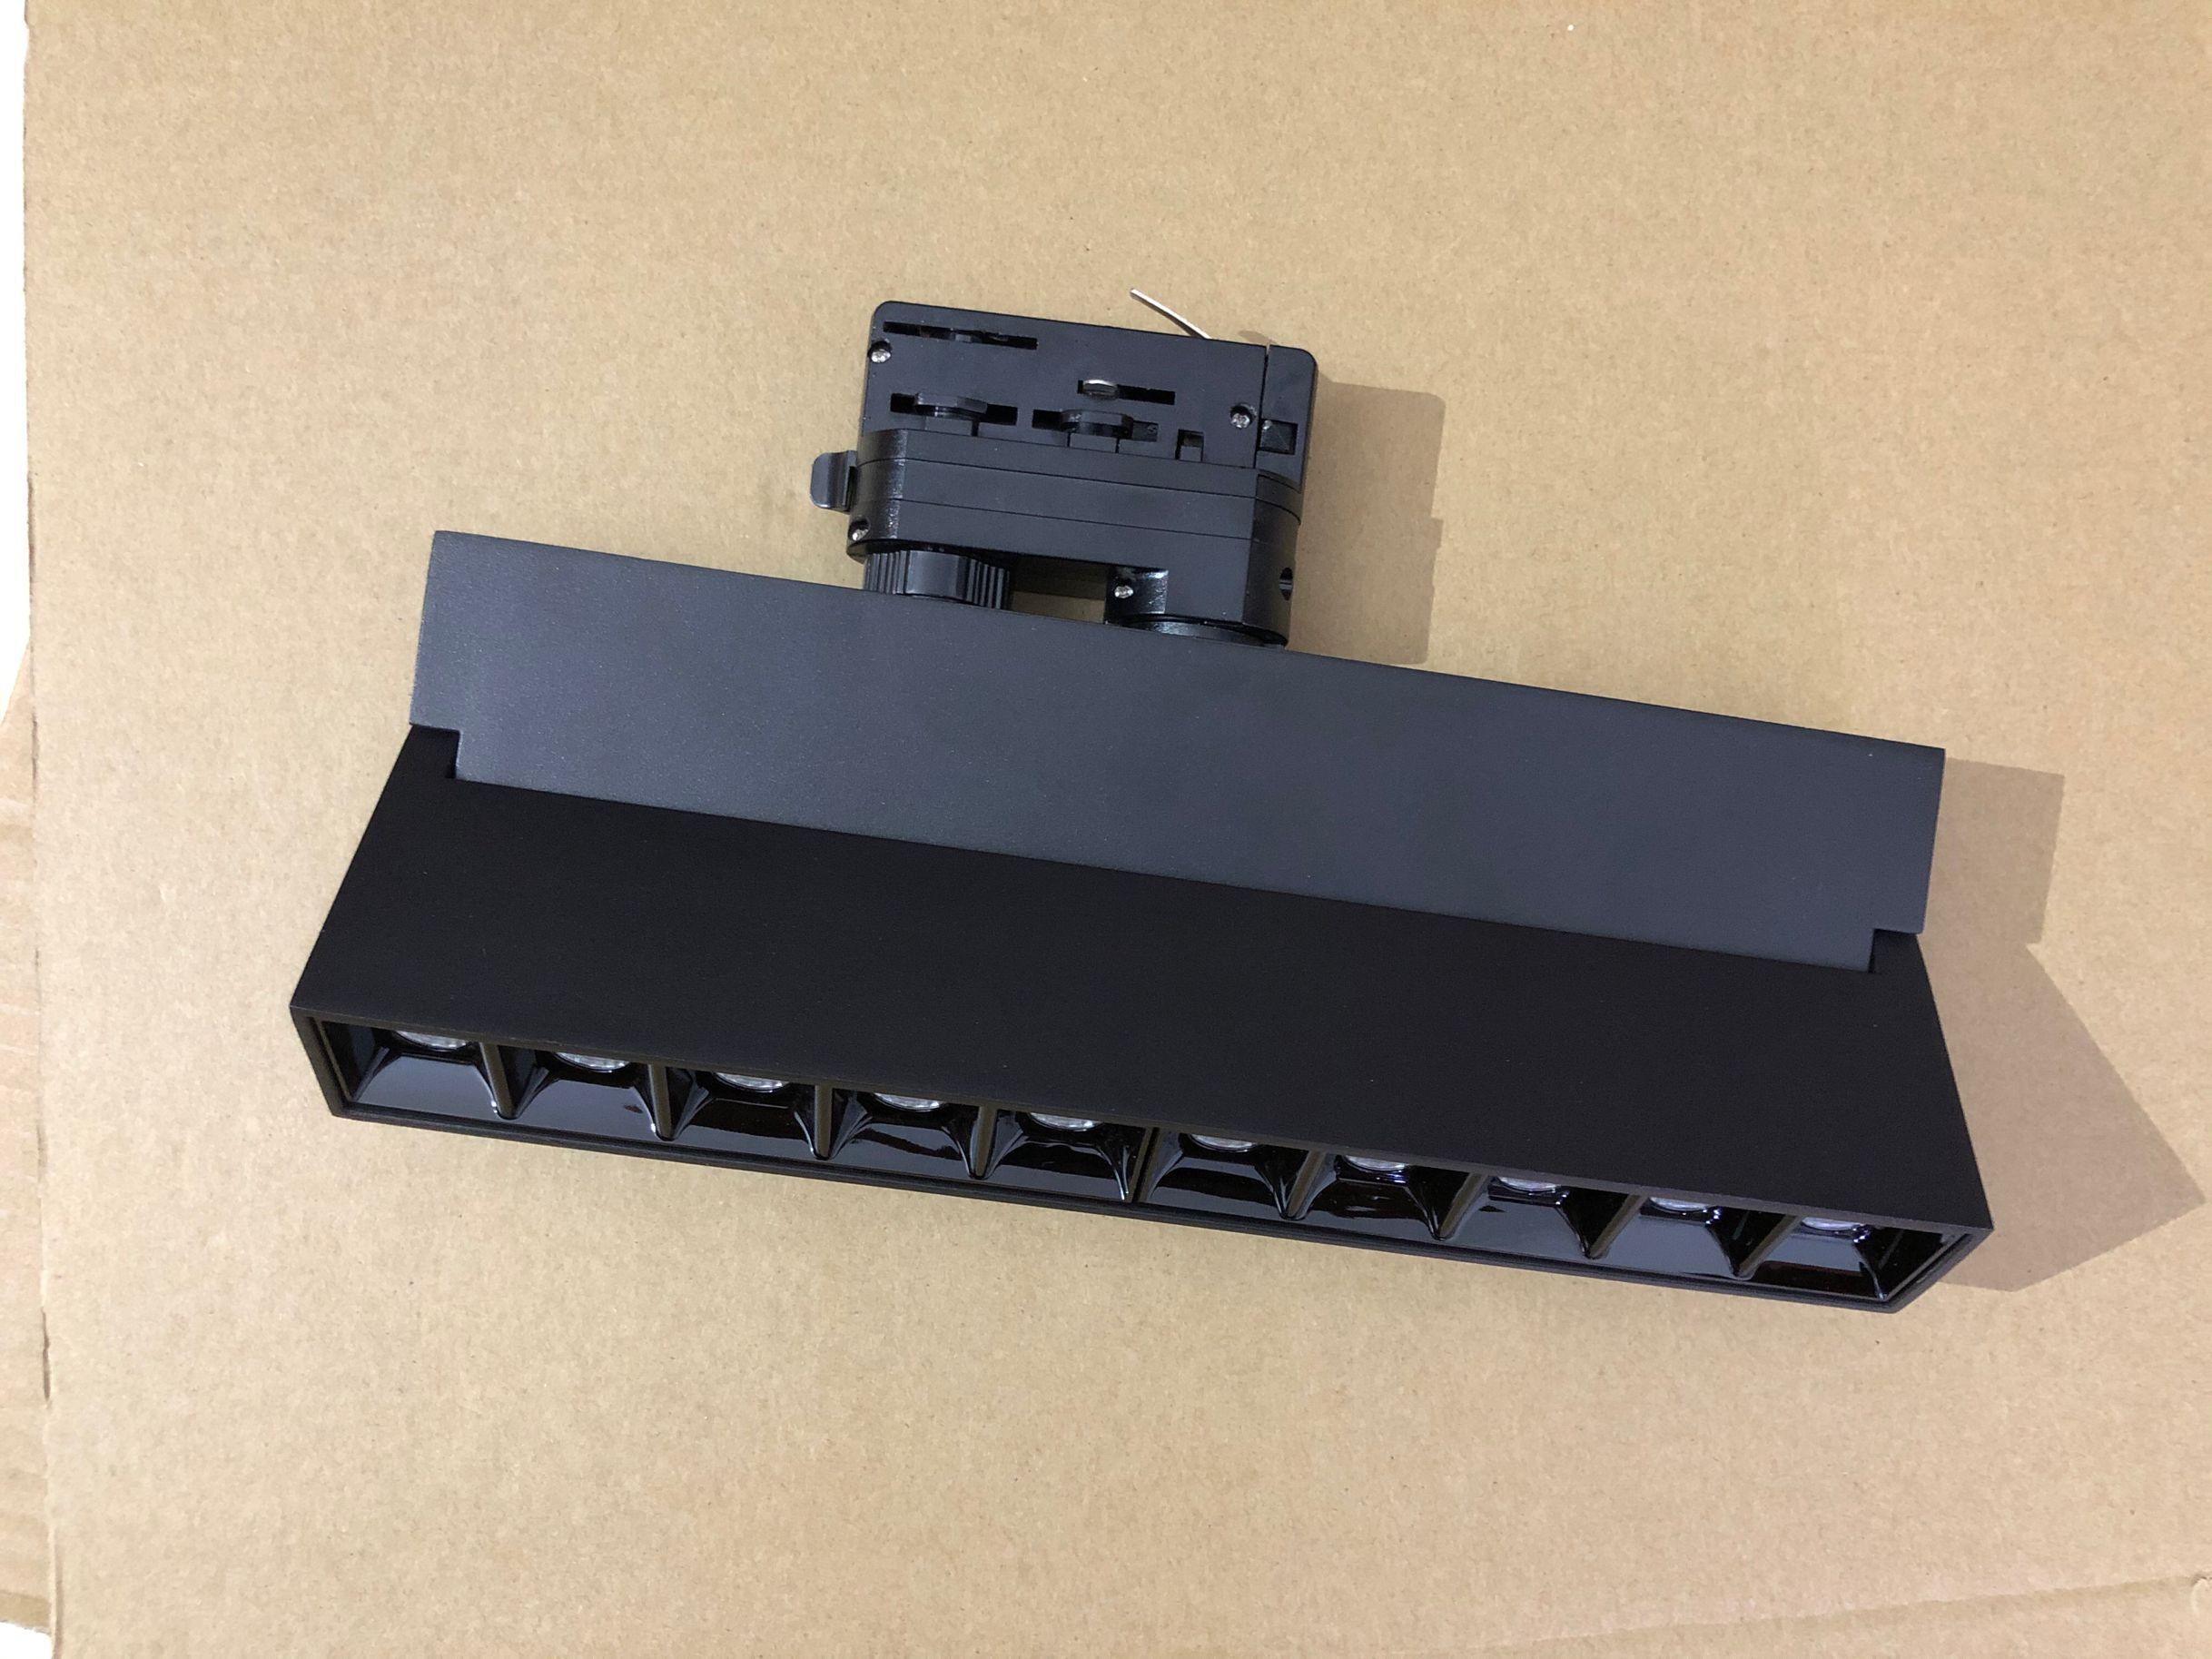 عكس الضوء 4 أسلاك 3 المرحلة 12W 20W LED ضوء المسار AC110-220V LED السكك الحديدية مصابيح راحة أضواء السقف مصباح داخلي الإضاءة